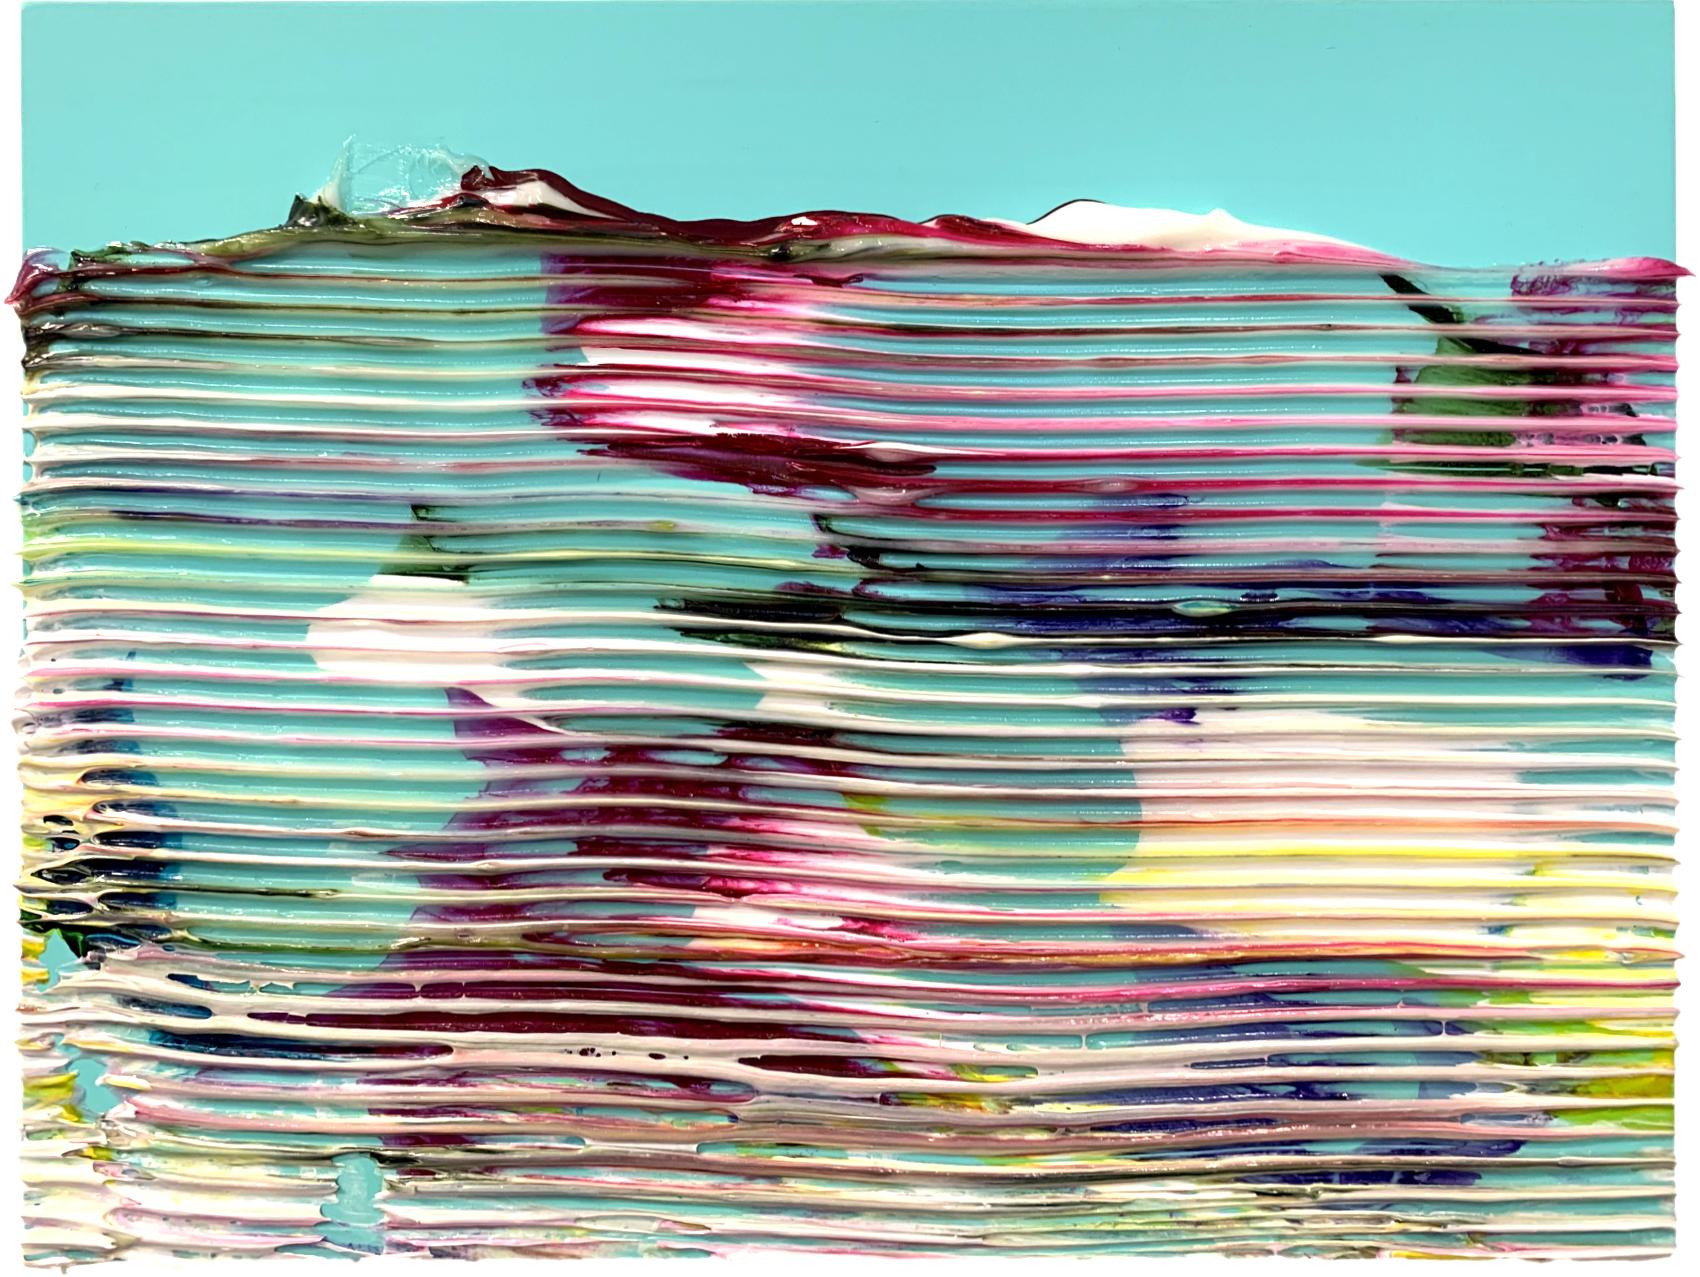 Sans titre, 2019, peinture acrylique sur bois, 30 x 40 cm